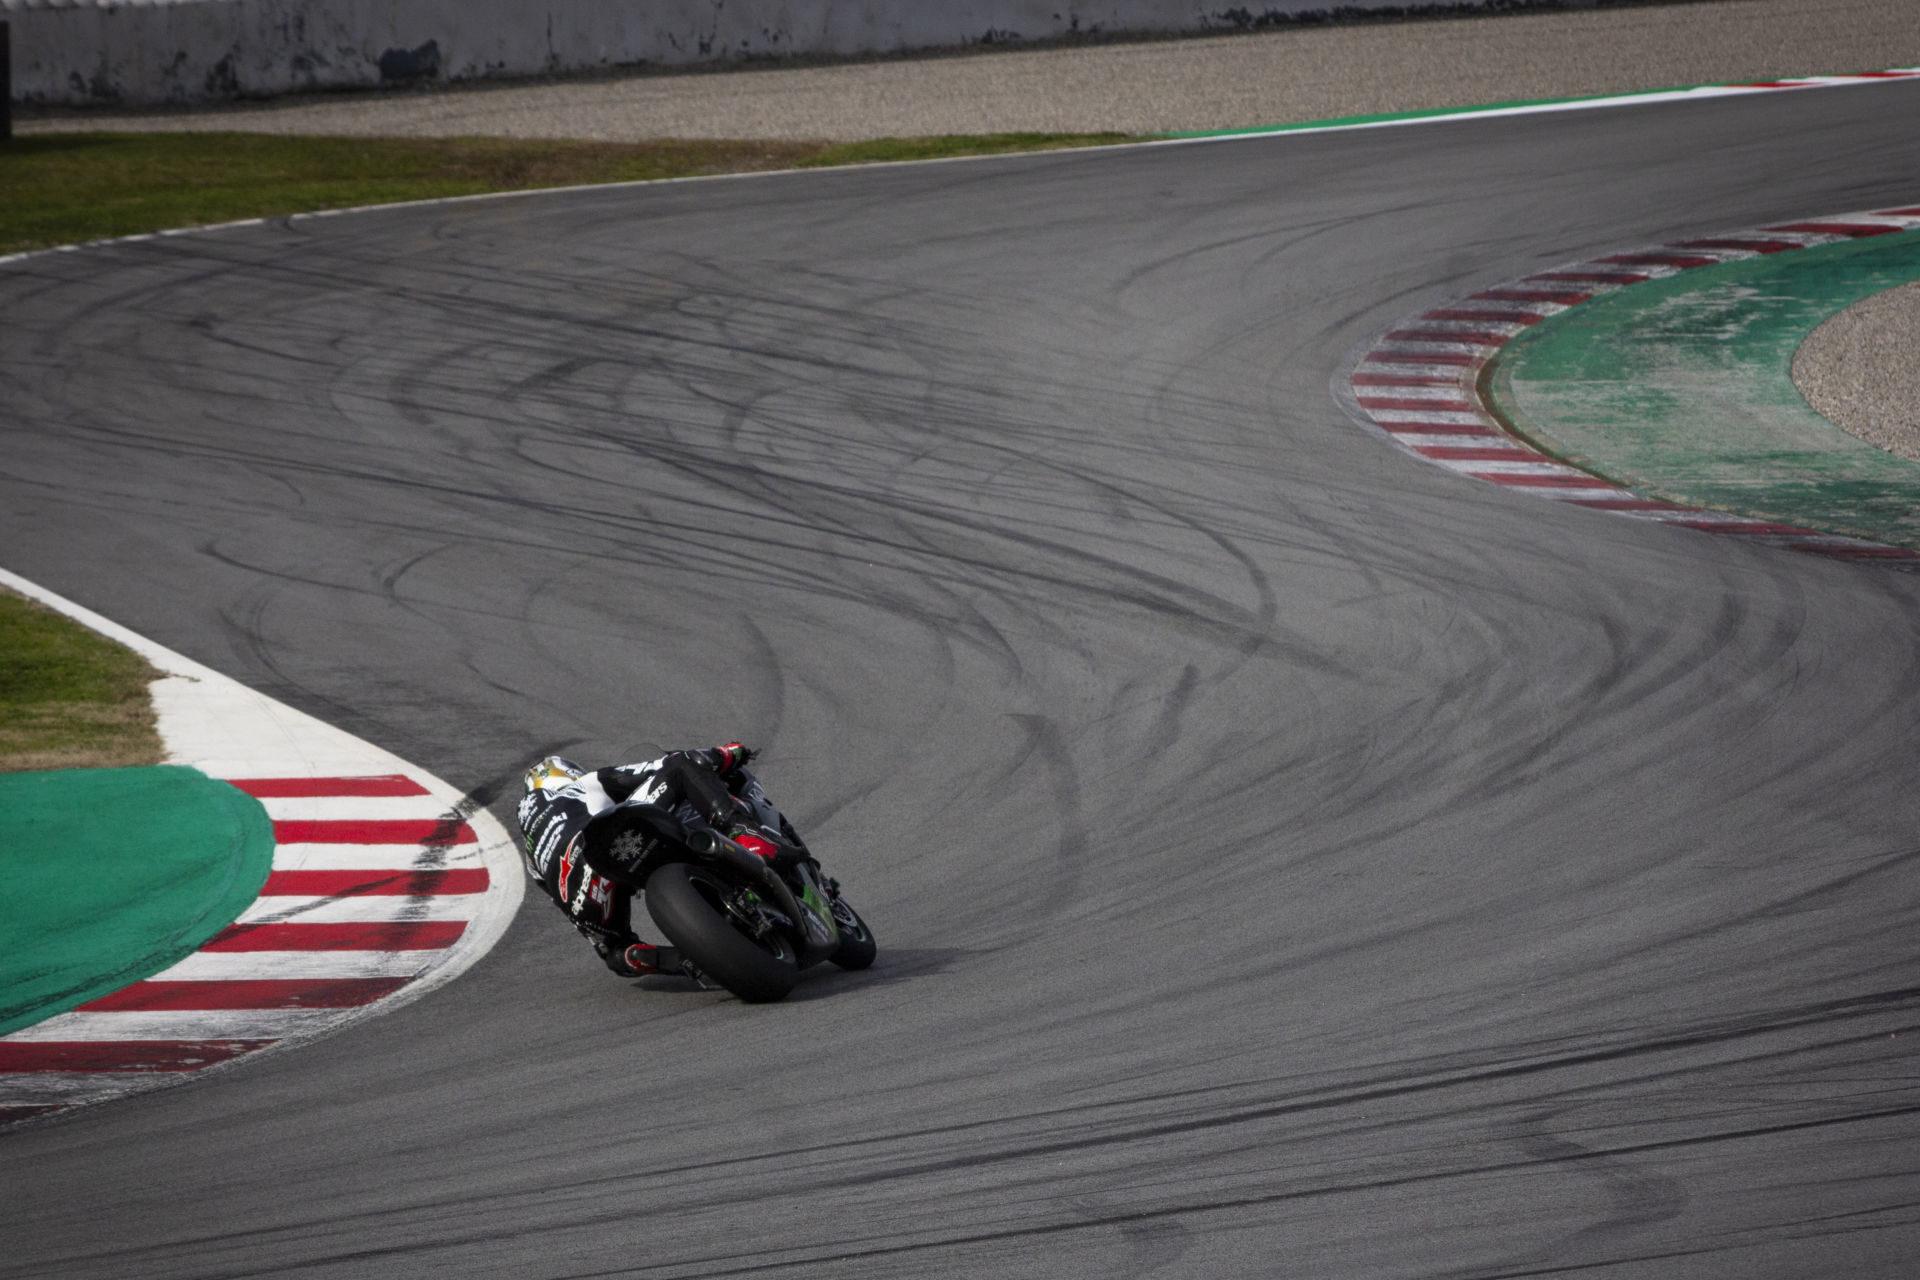 Jonathan Rea testing Monday at Catalunya. Photo courtesy of Kawasaki.